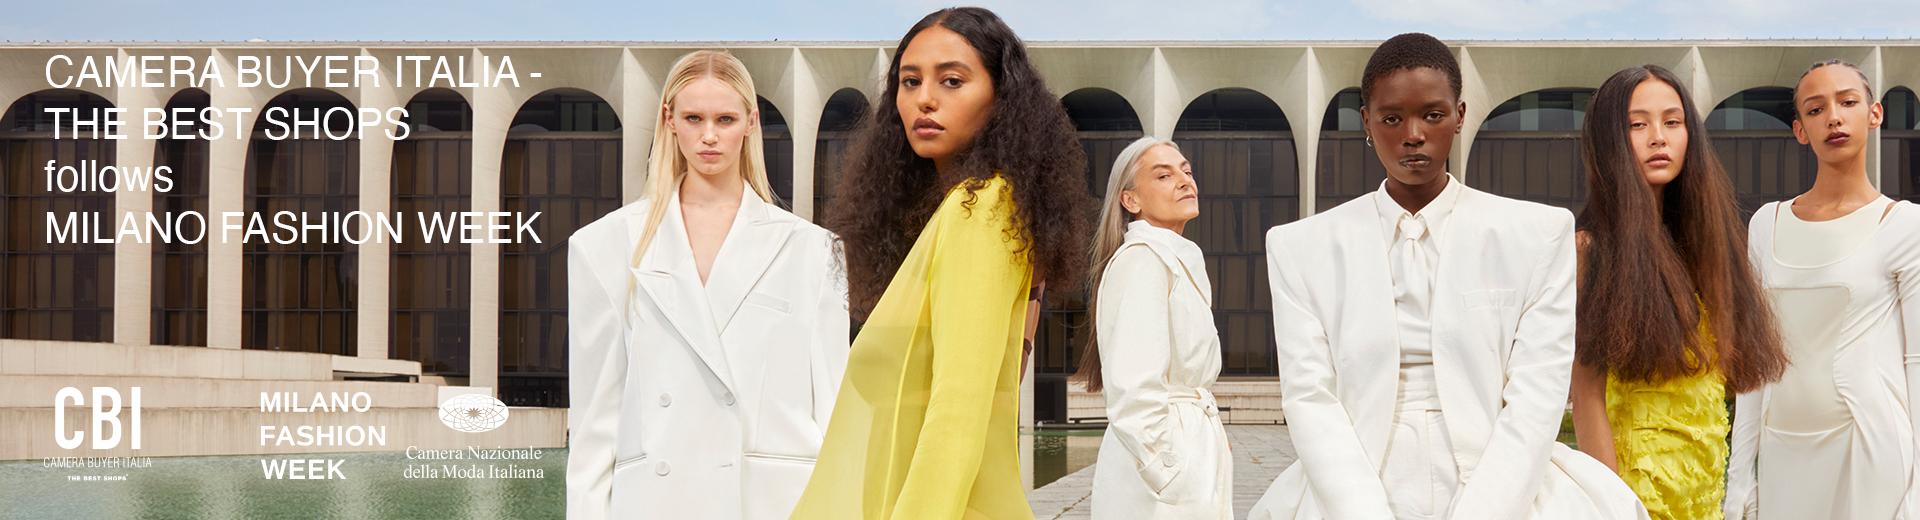 camera buyer milano fashion week